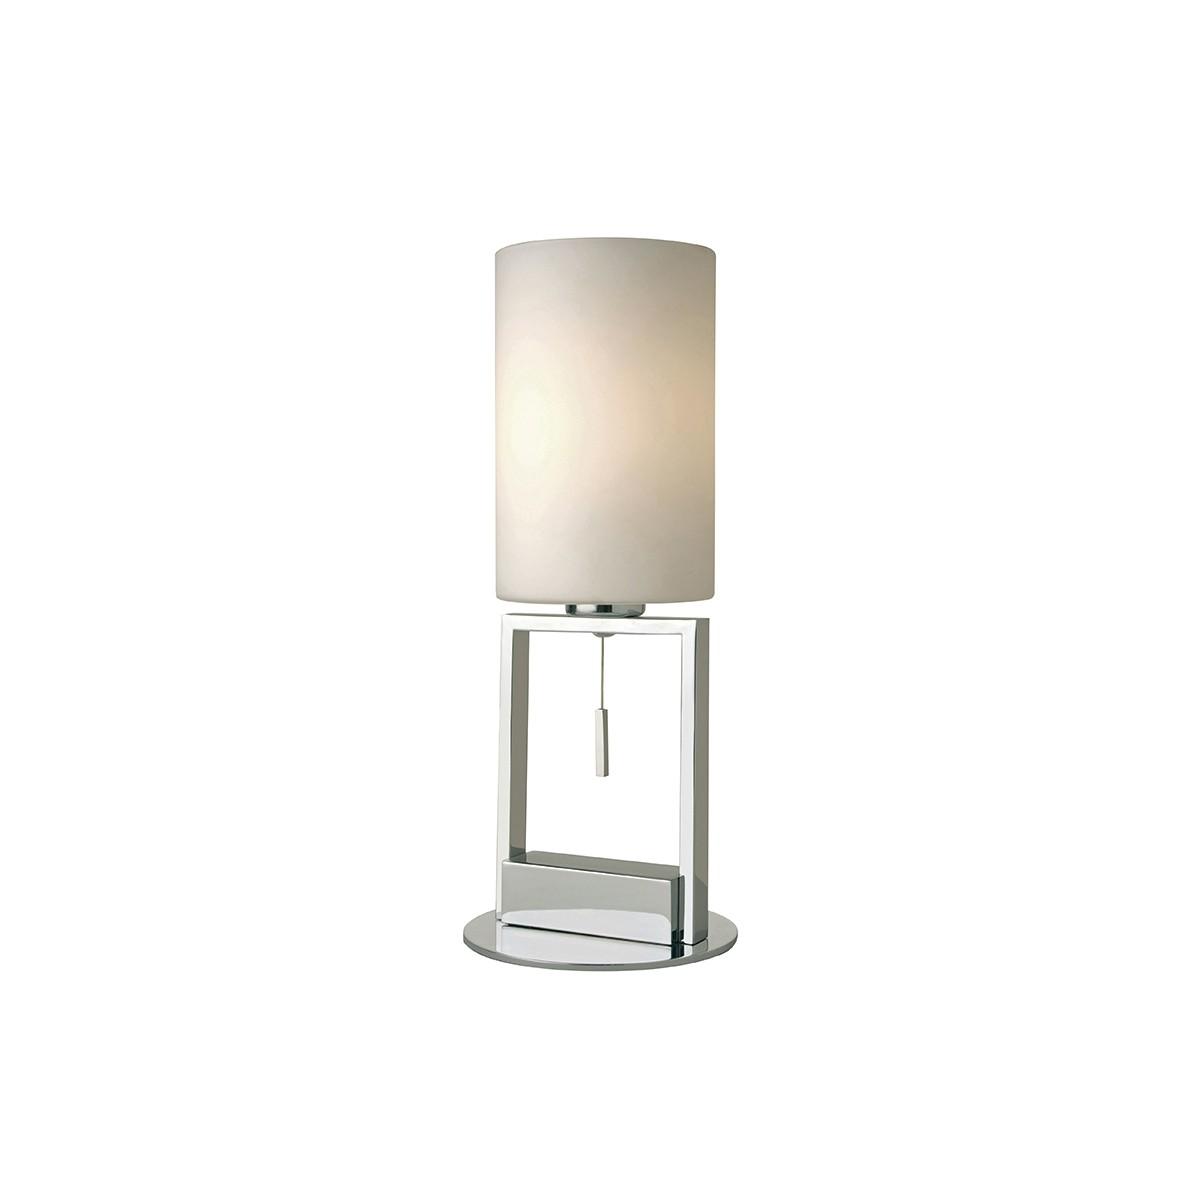 Sompex Fine Tischleuchte, Chrom, Glas: weiß